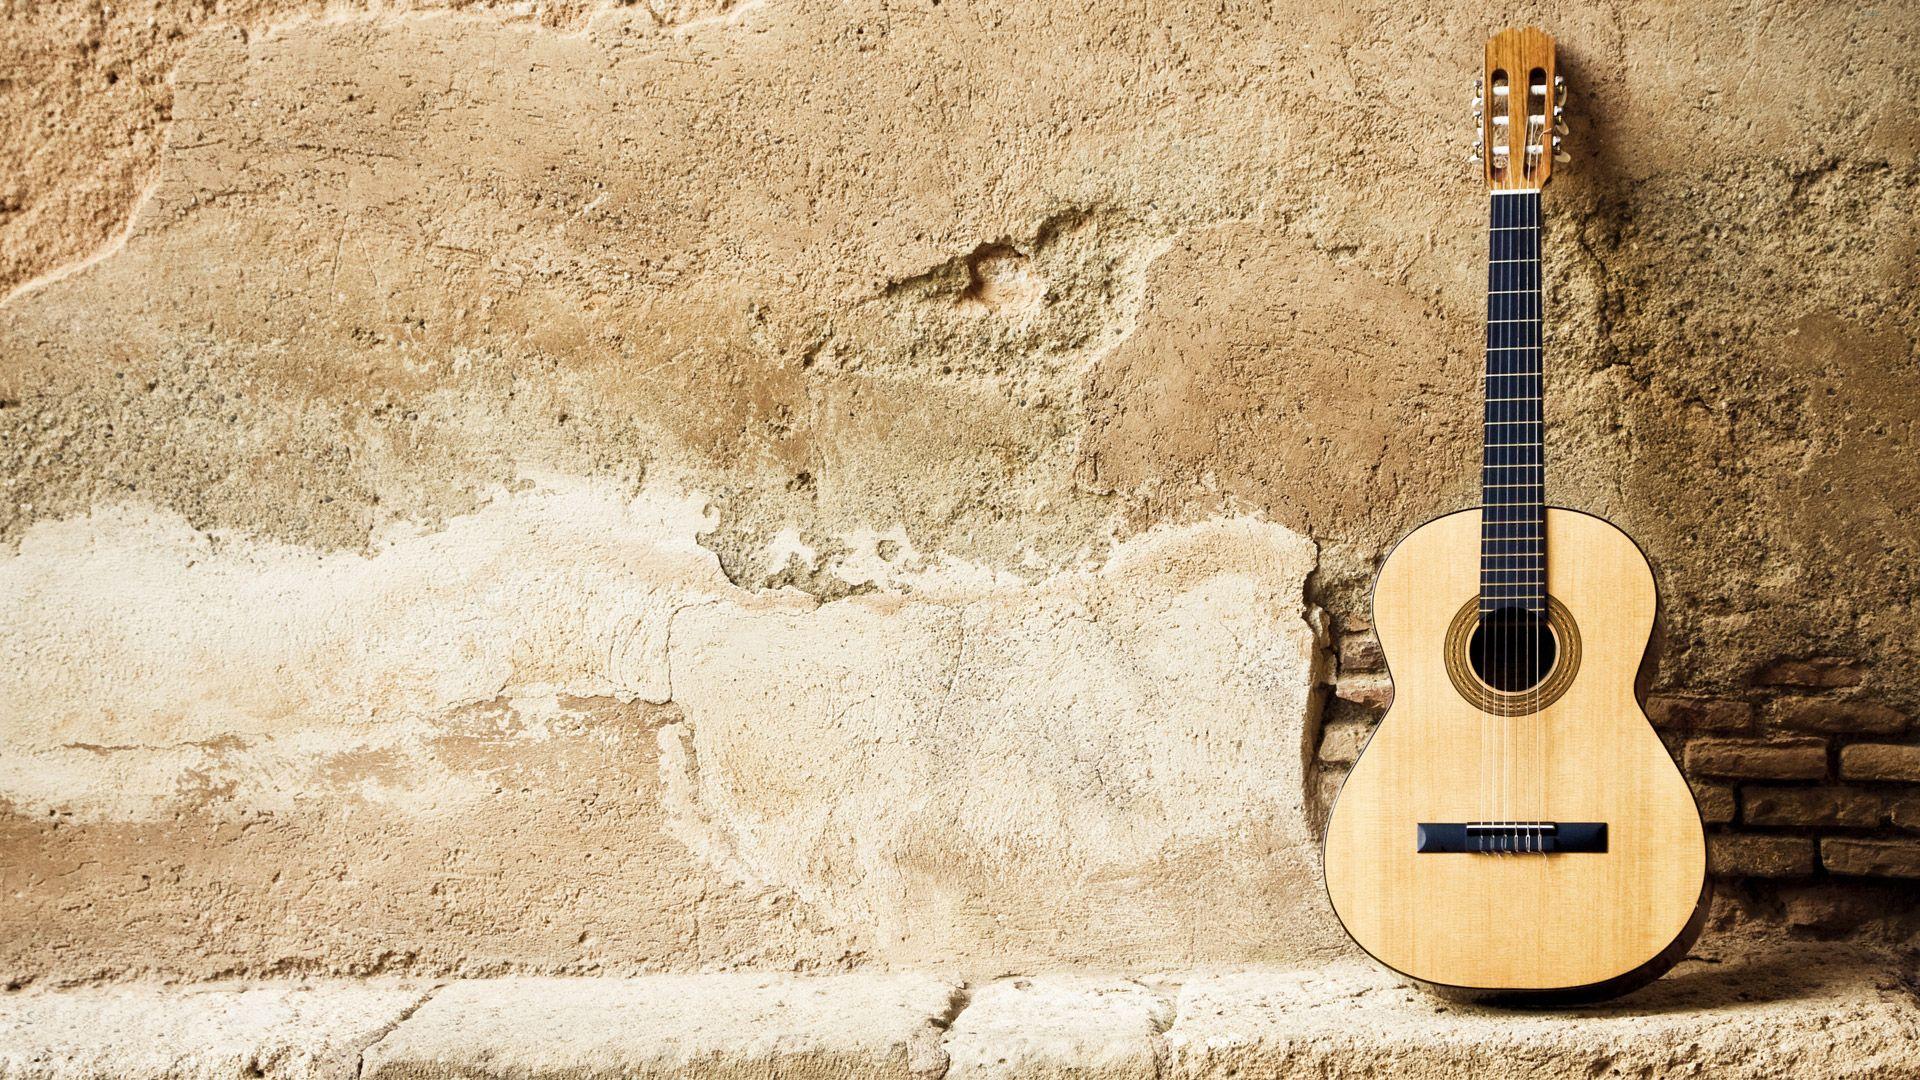 Cool Acoustic Desktop Image Amazingpict Com Wallpapers Guitar